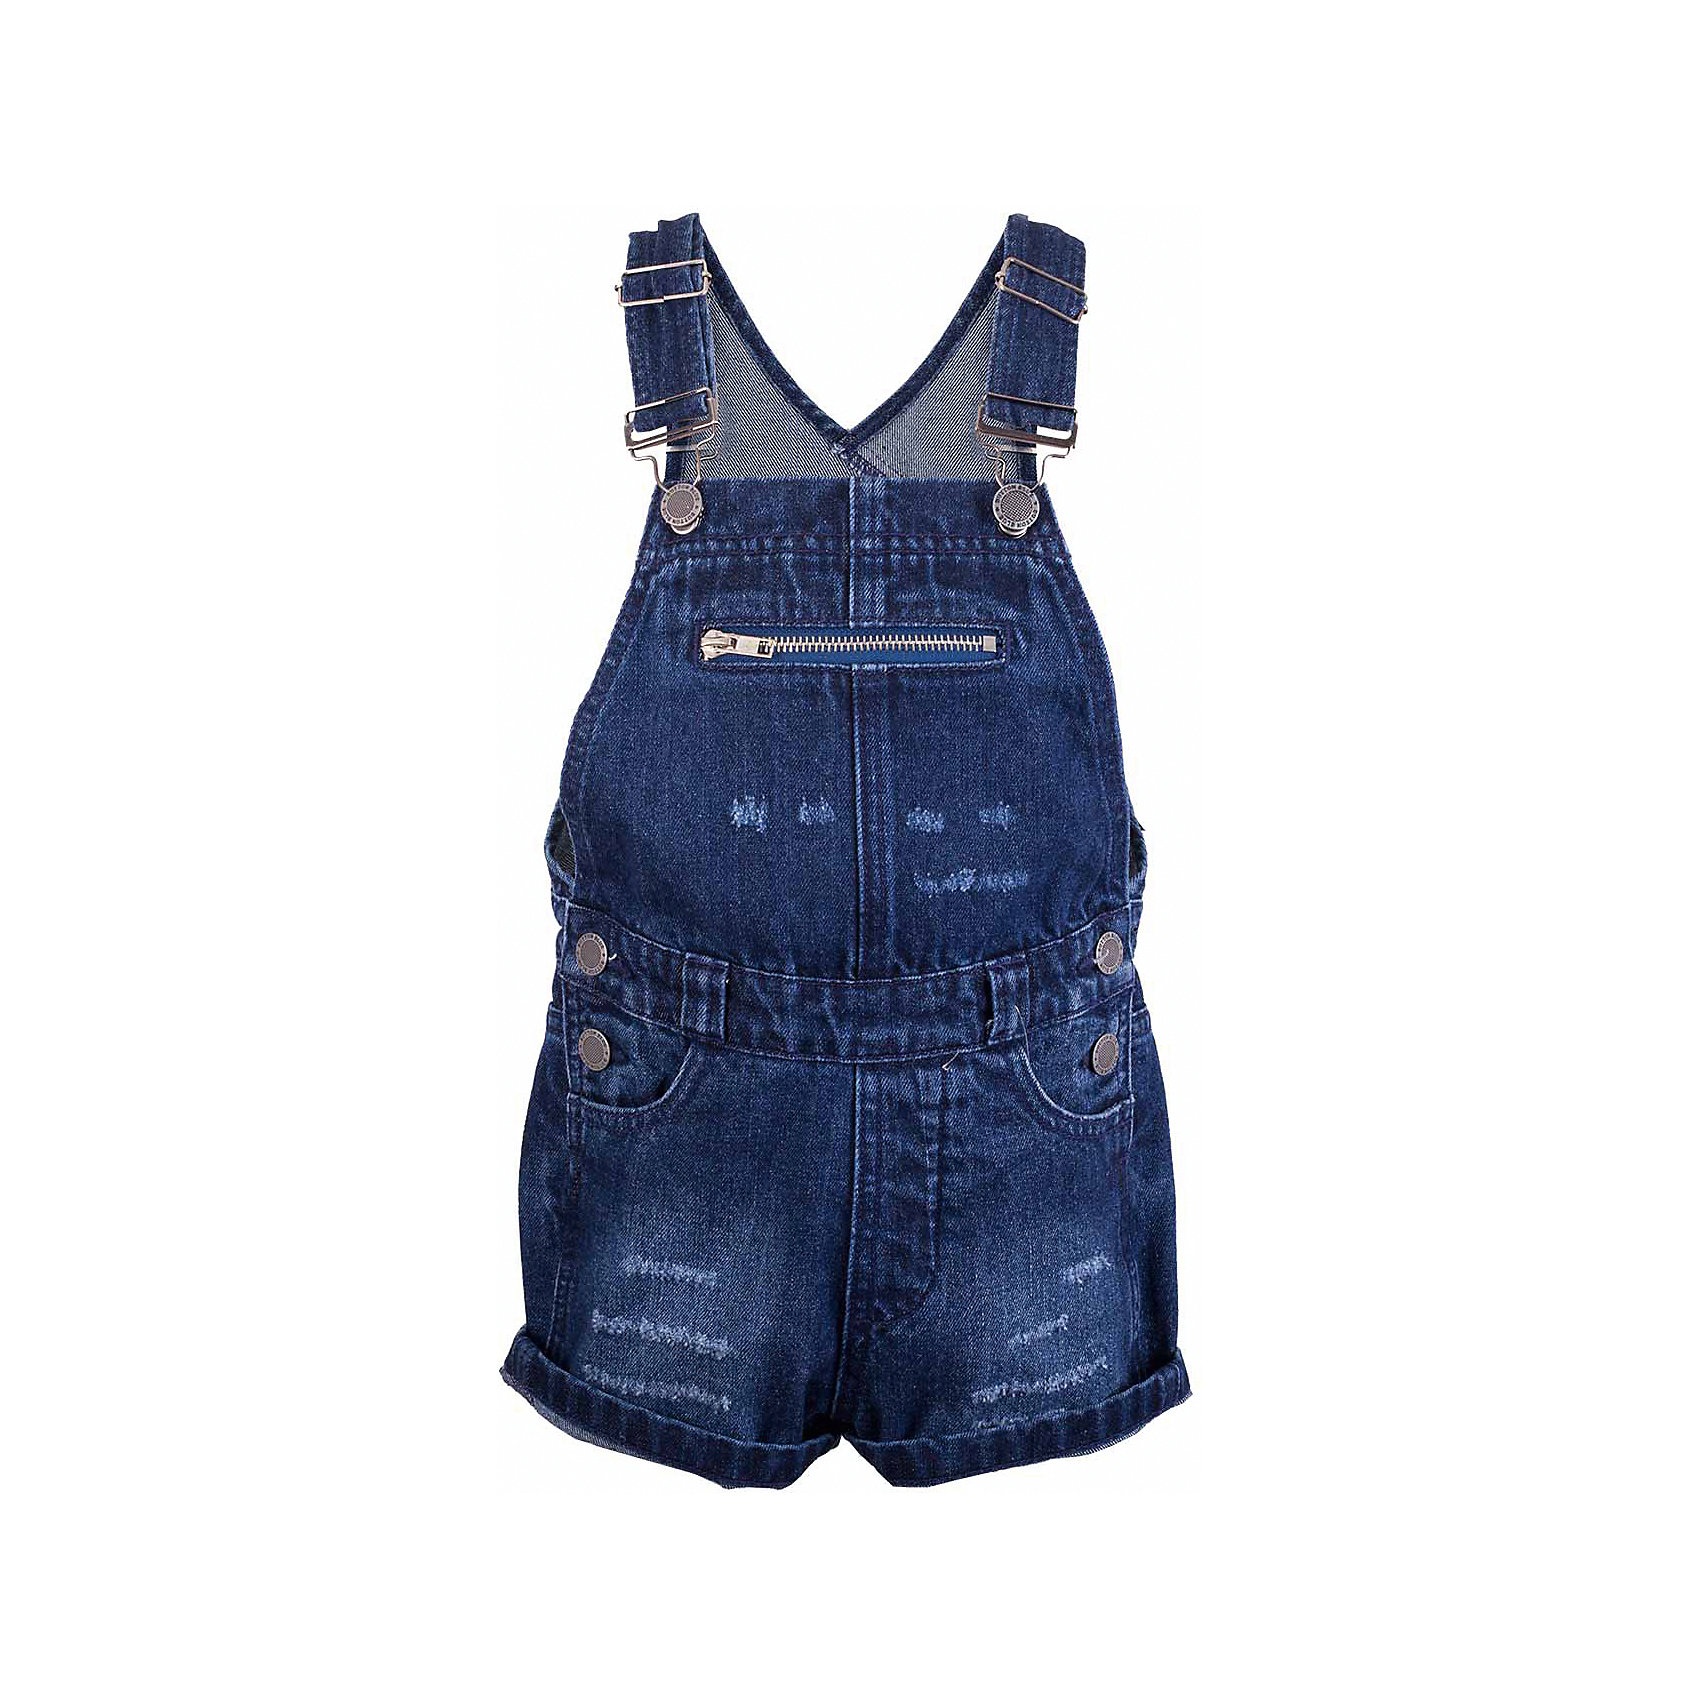 Комбинезон джинсовый  BUTTON BLUEДжинсовая одежда<br>Полукомбинезон джинсовый  BUTTON BLUE<br>Детский джинсовый полукомбинезон - не только очень удобная модель летнего гардероба, но и трендовая вещь сезона Весна/Лето 2017! В компании с любой майкой, футболкой, поло полукомбинезон составит достойный летний комплект. Если вы хотите купить недорого джинсовый полукомбинезон с модными потертостями, заминами, варкой, не сомневаясь в его качестве, высоких потребительских свойствах и соответствии модным трендам, полукомбинезон от Button Blue - лучший вариант!<br>Состав:<br>100%  хлопок<br><br>Ширина мм: 215<br>Глубина мм: 88<br>Высота мм: 191<br>Вес г: 336<br>Цвет: синий<br>Возраст от месяцев: 72<br>Возраст до месяцев: 84<br>Пол: Унисекс<br>Возраст: Детский<br>Размер: 122,110,116,128,134,140,146,158,152,98,104<br>SKU: 5523926